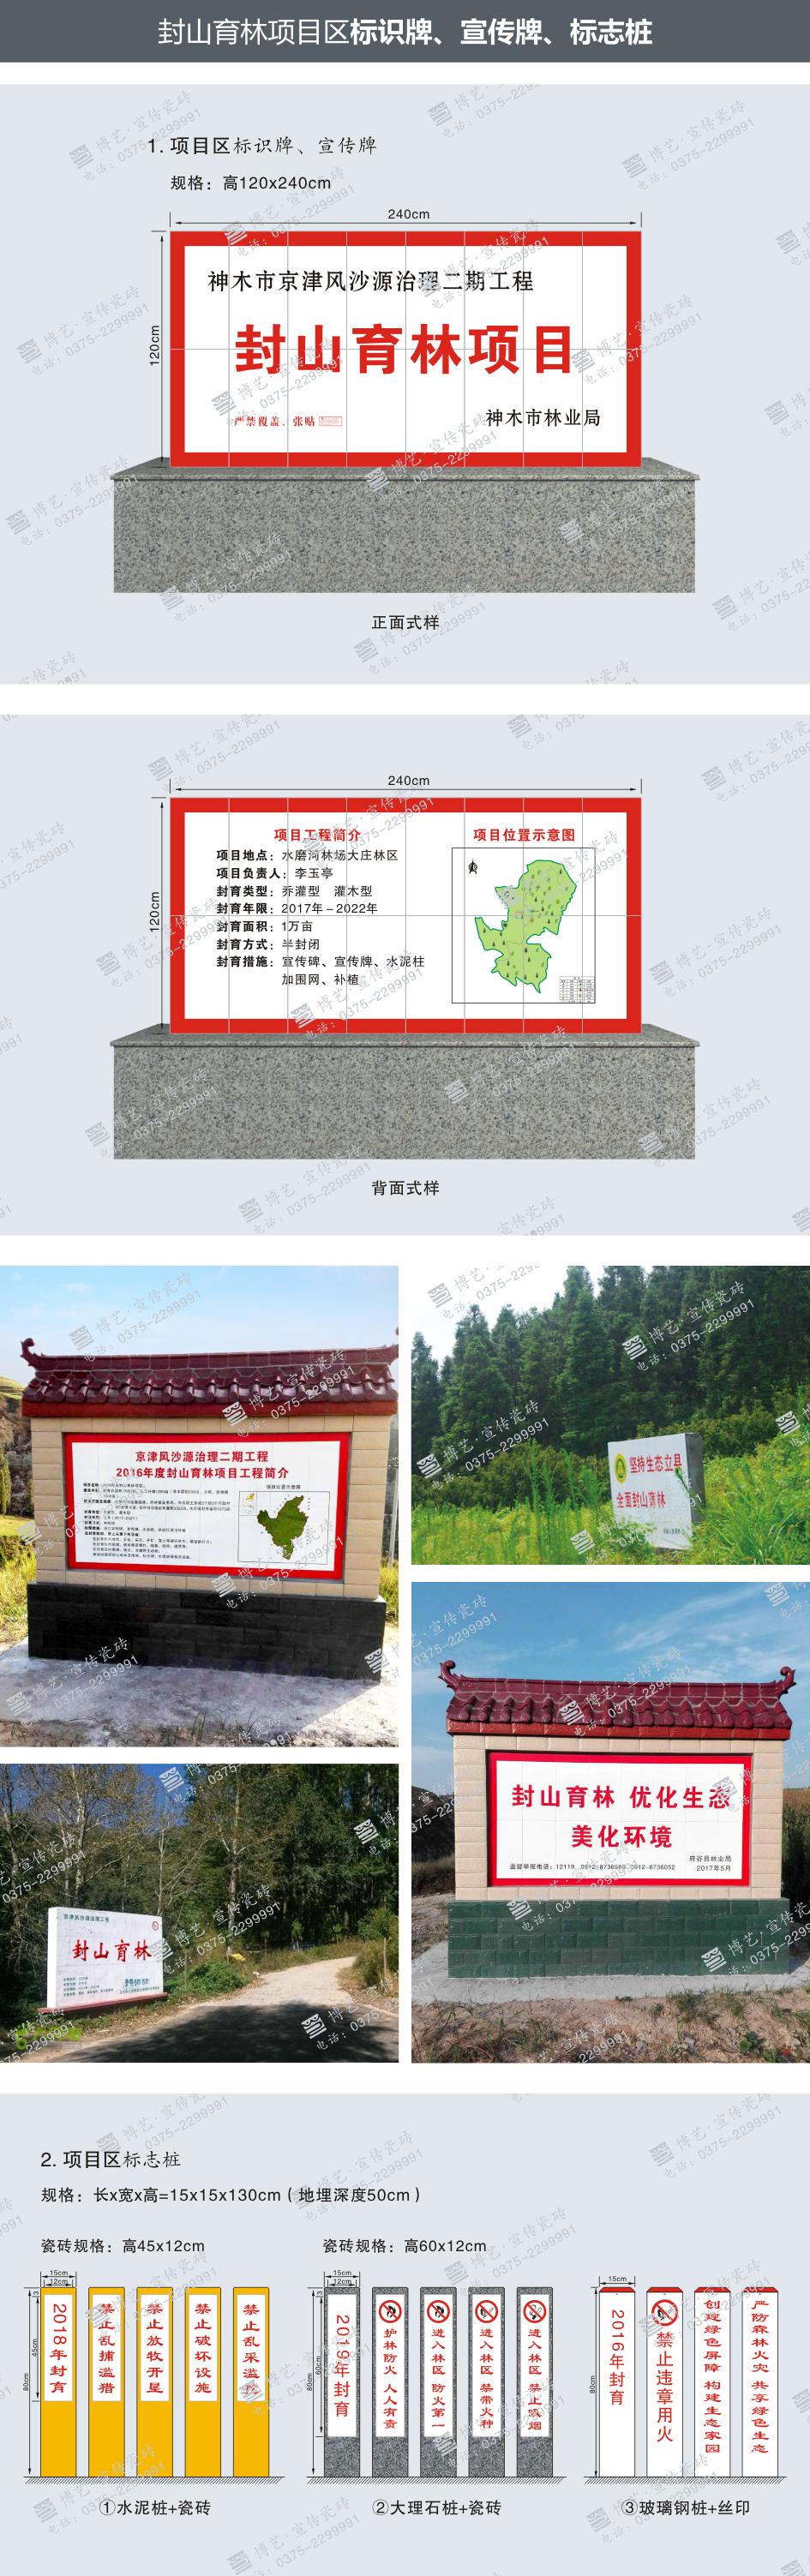 8林业-封山育林.png